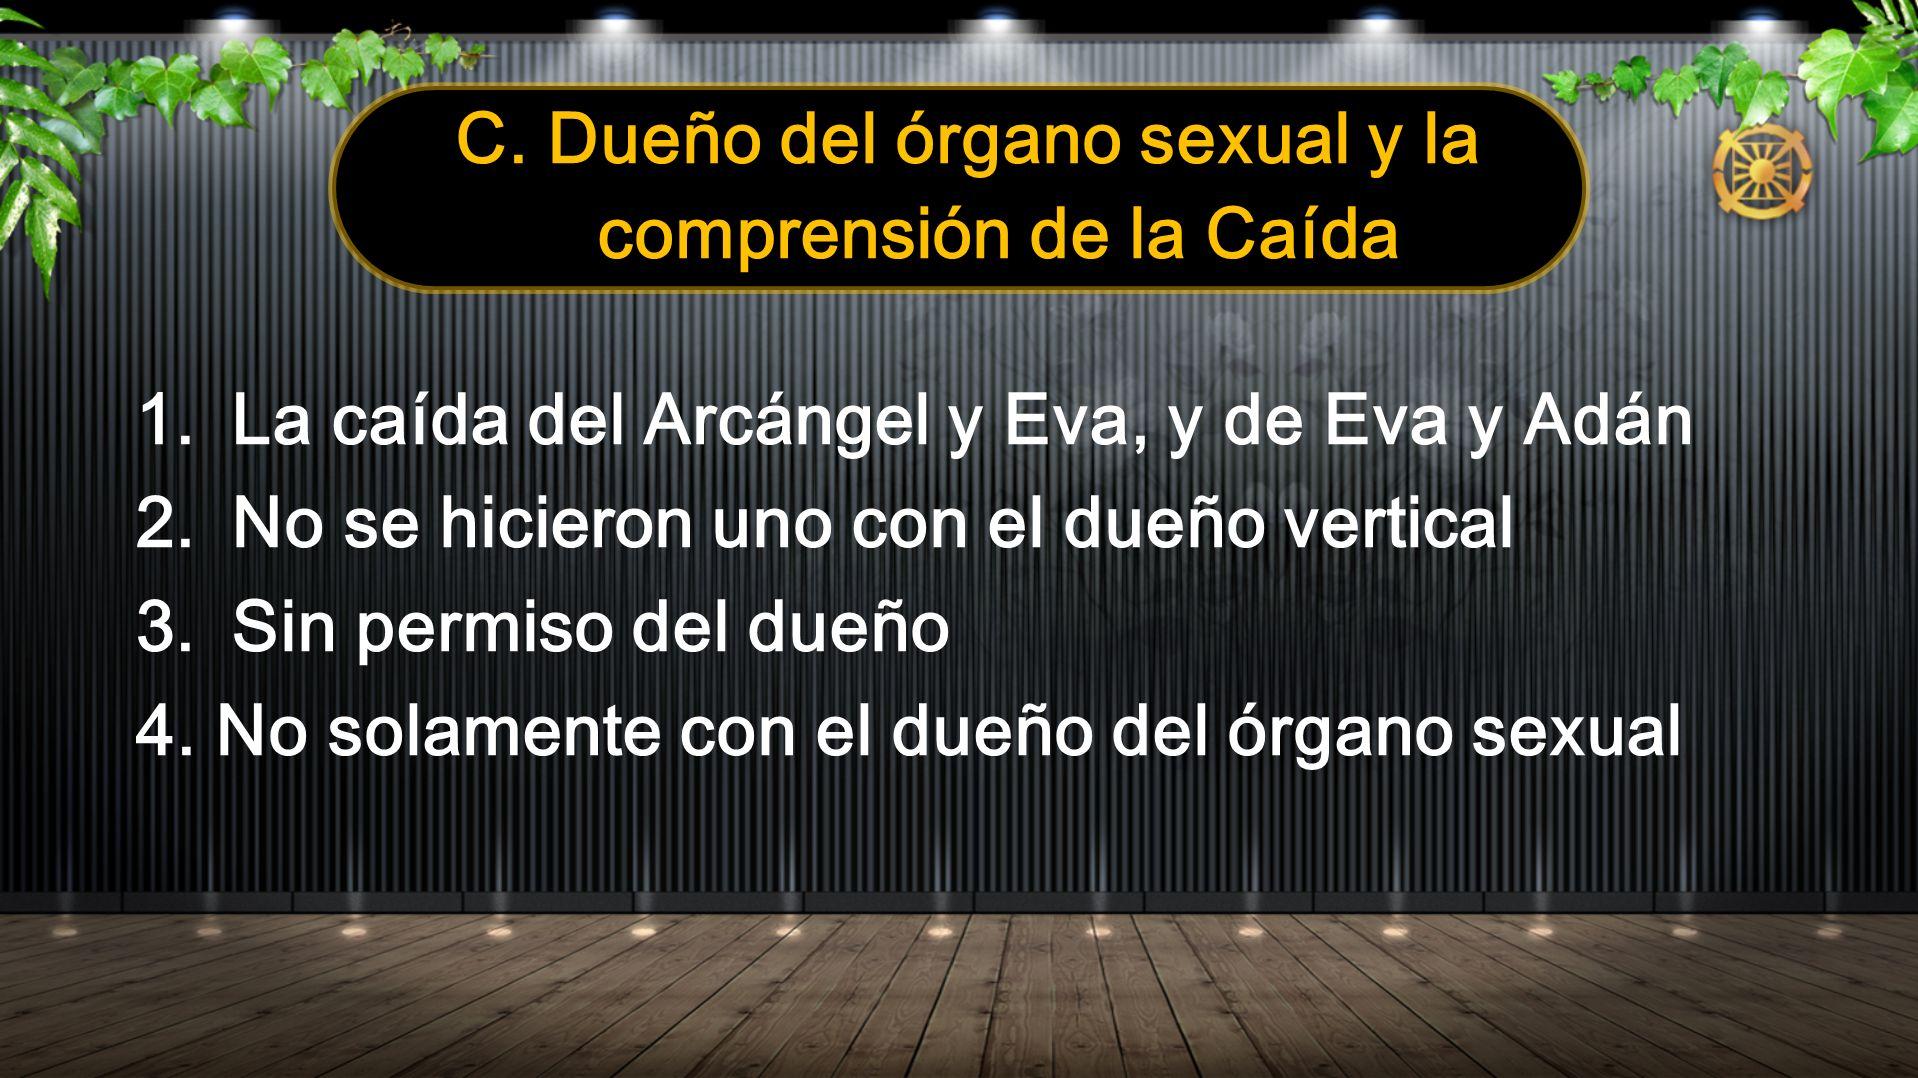 C. Dueño del órgano sexual y la comprensión de la Caída 1.La caída del Arcángel y Eva, y de Eva y Adán 2.No se hicieron uno con el dueño vertical 3.Si